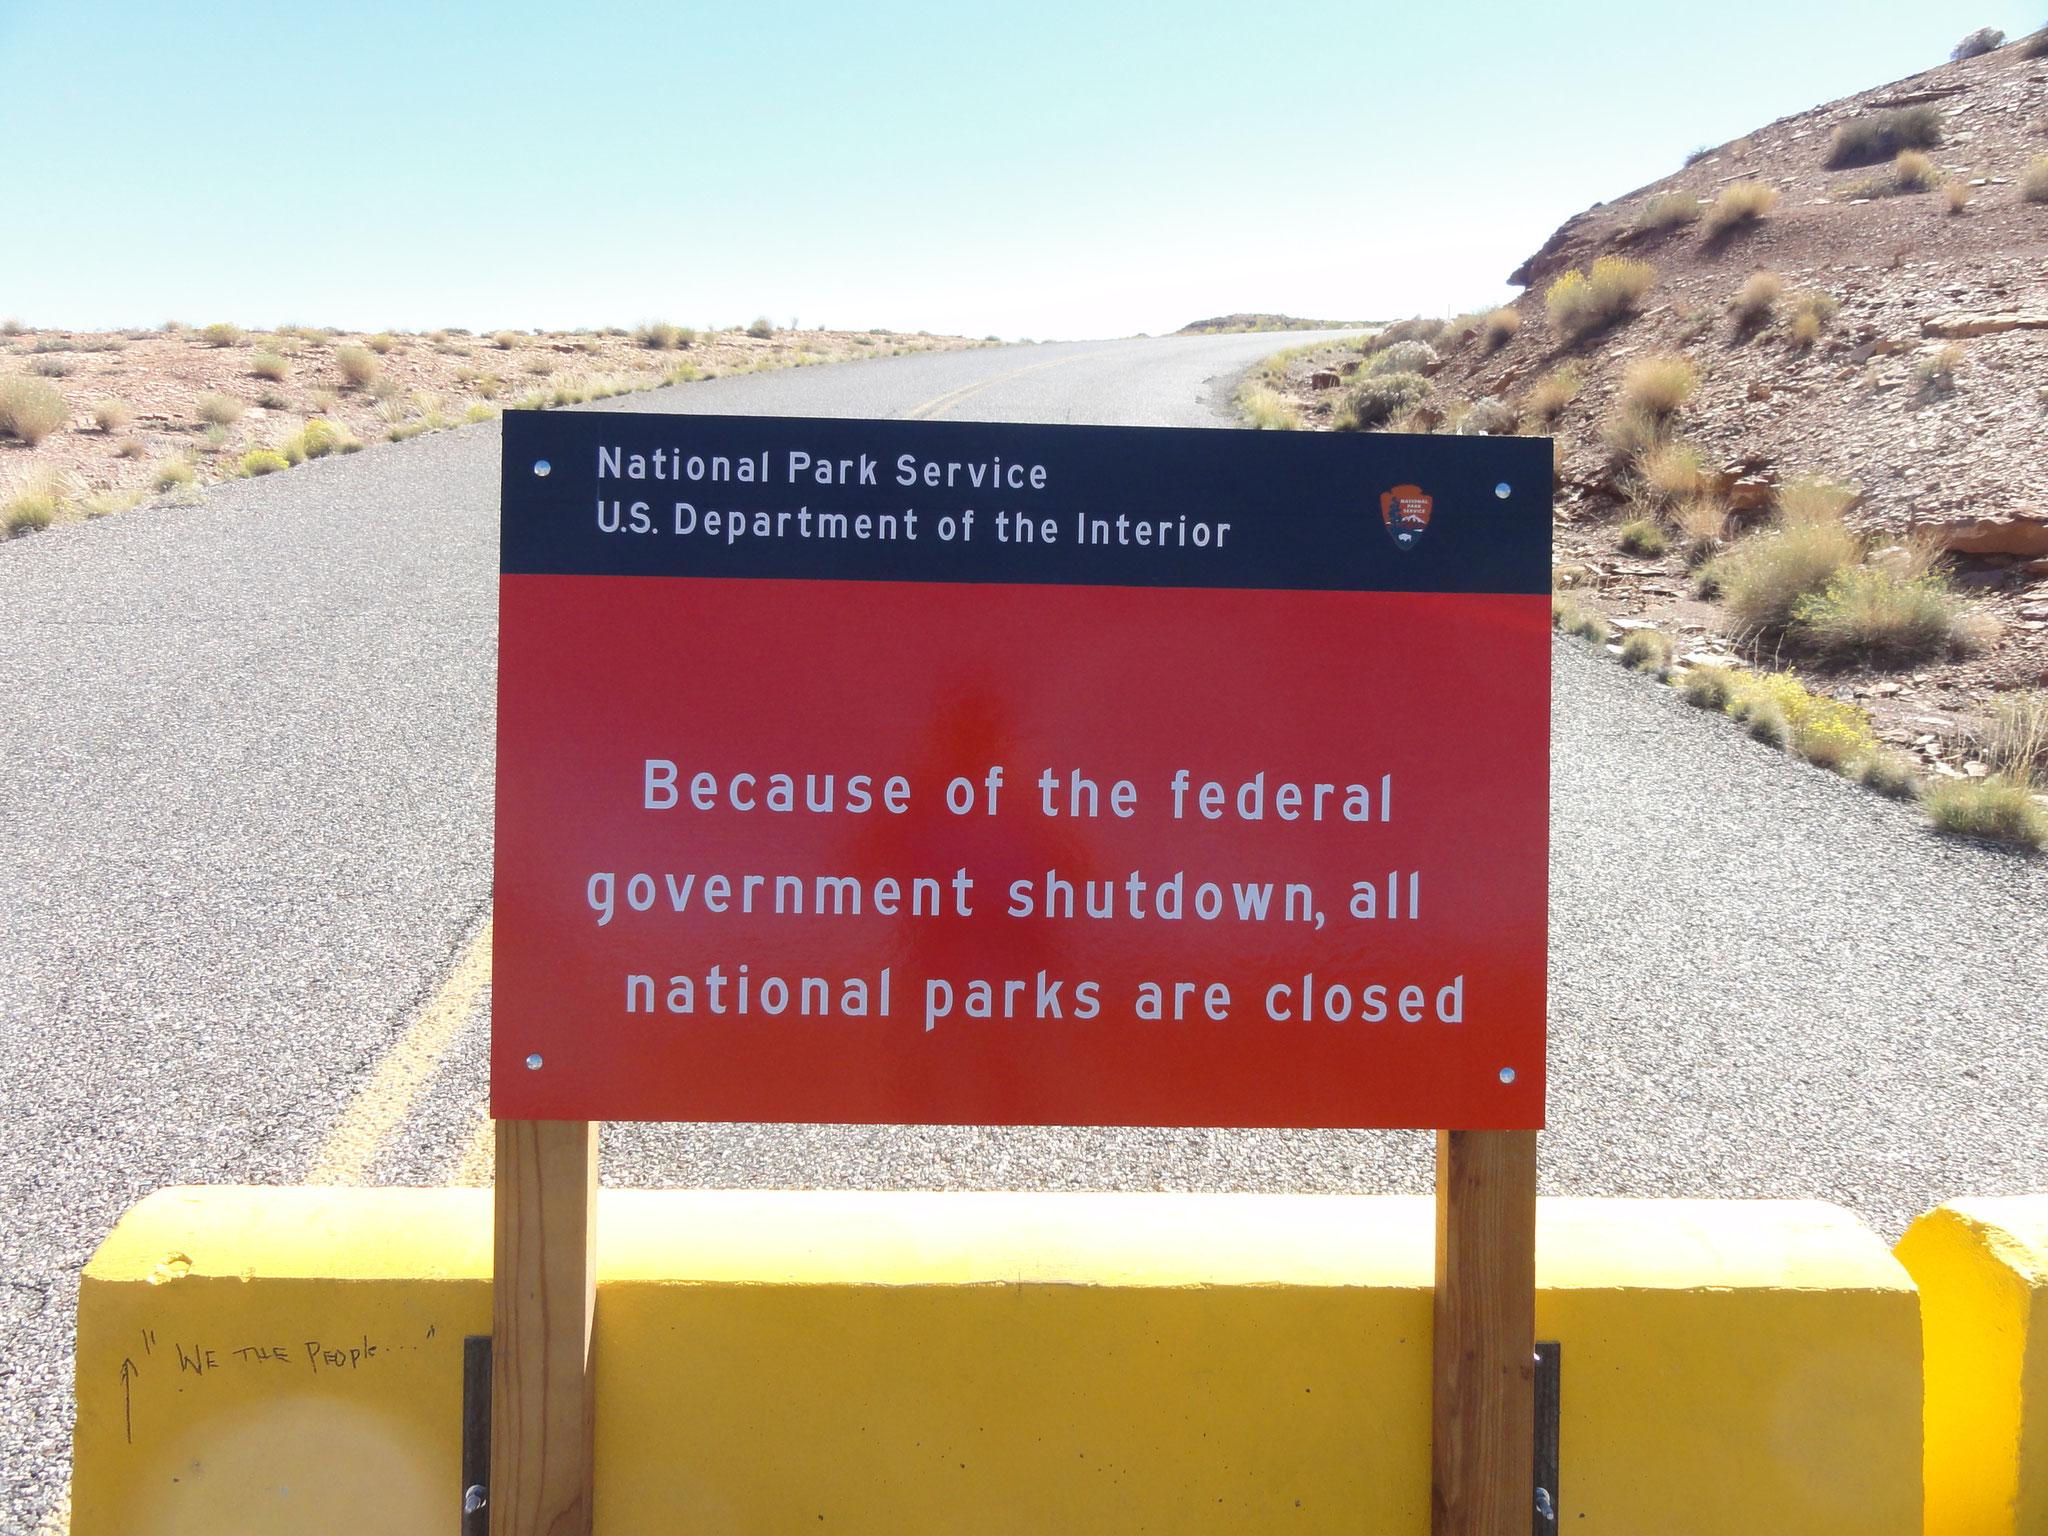 Da alle grösseren Parks geschlossen sind